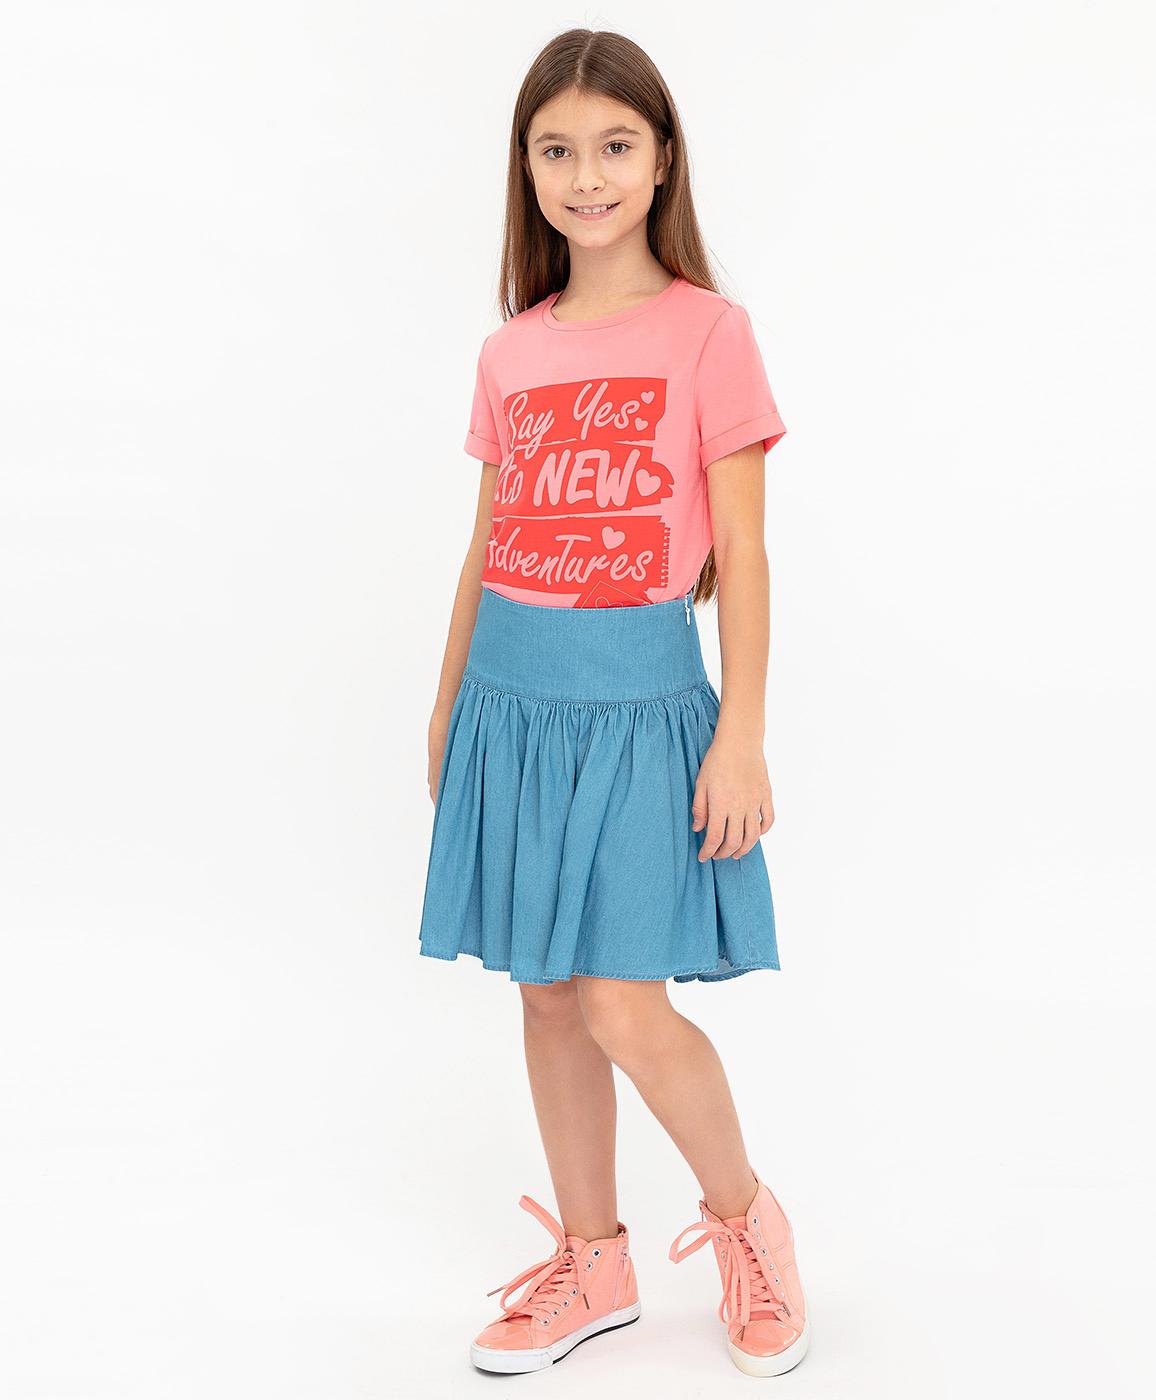 Купить 120BBGC6102D200, Голубая юбка Button Blue, голубой, 98, Женский, ВЕСНА/ЛЕТО 2020 (shop: GulliverMarket Gulliver Market)